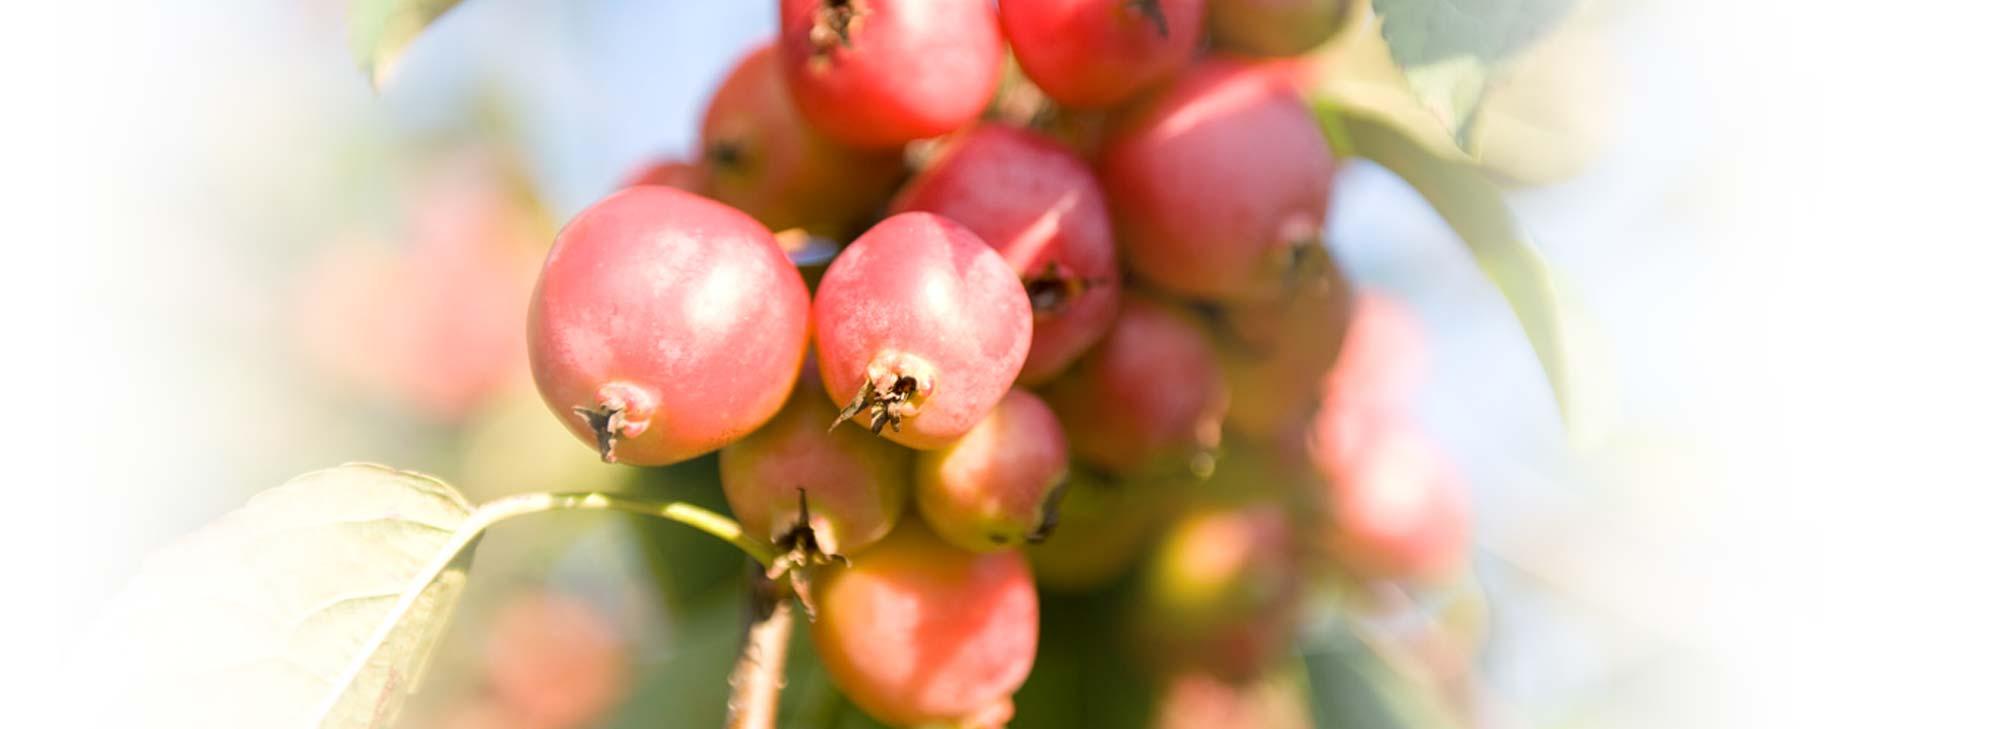 slider-landgoed-rozenbottel